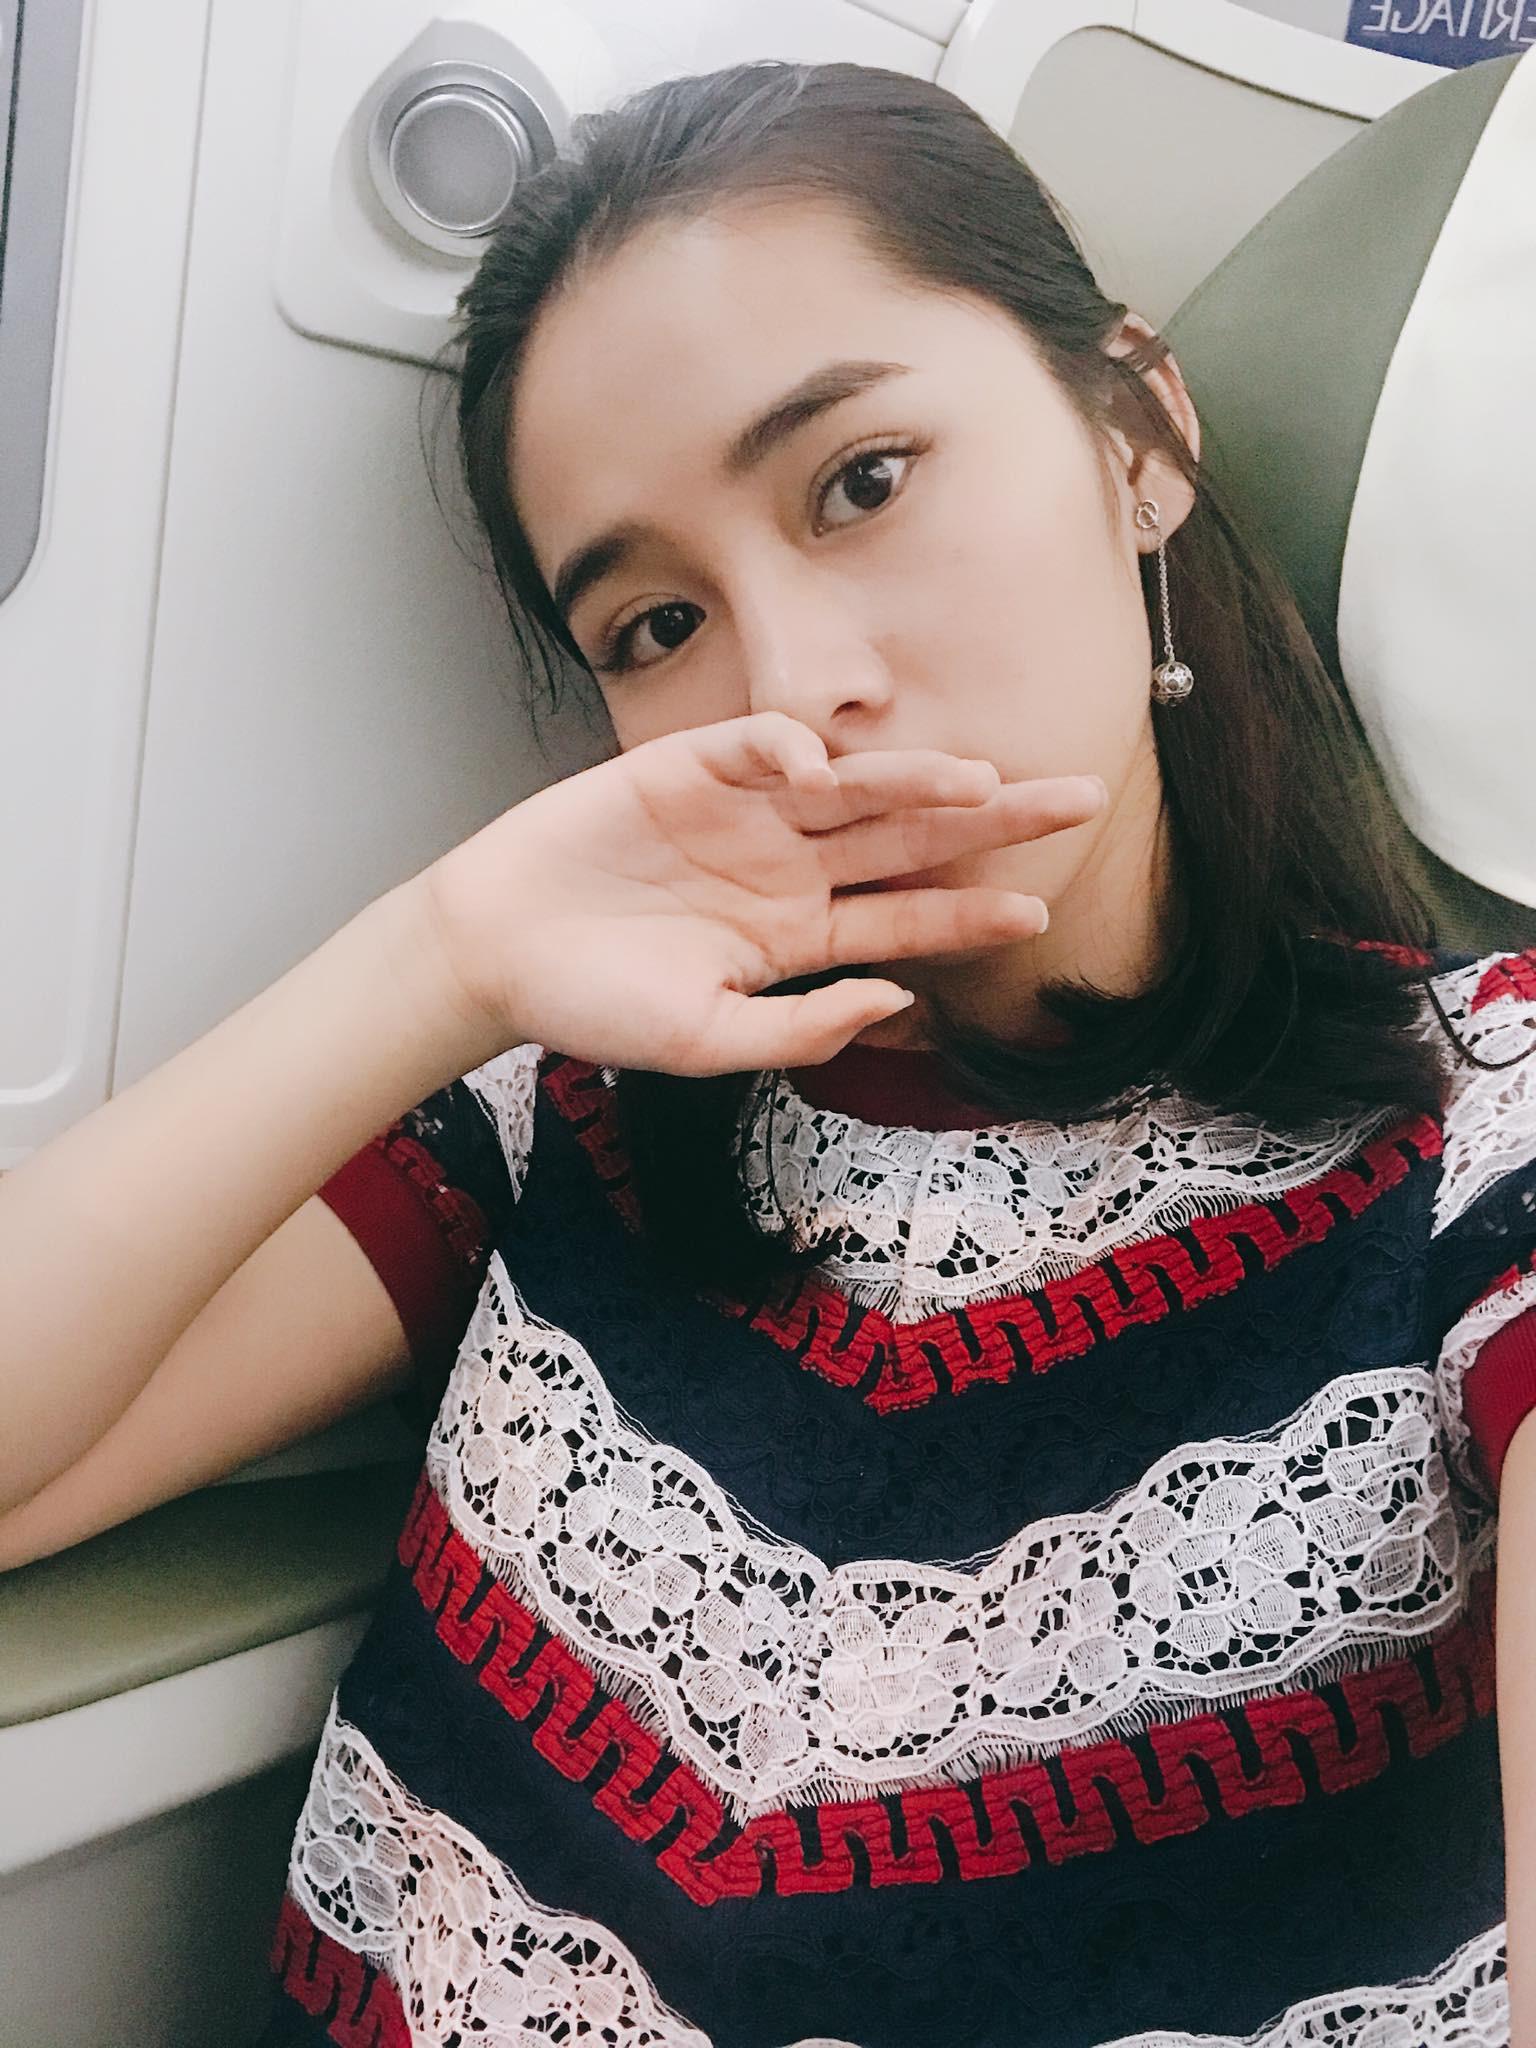 Nhan sắc hiện tại của 3 hot girl Việt từng được mệnh danh cô bé trà sữa - Ảnh 23.